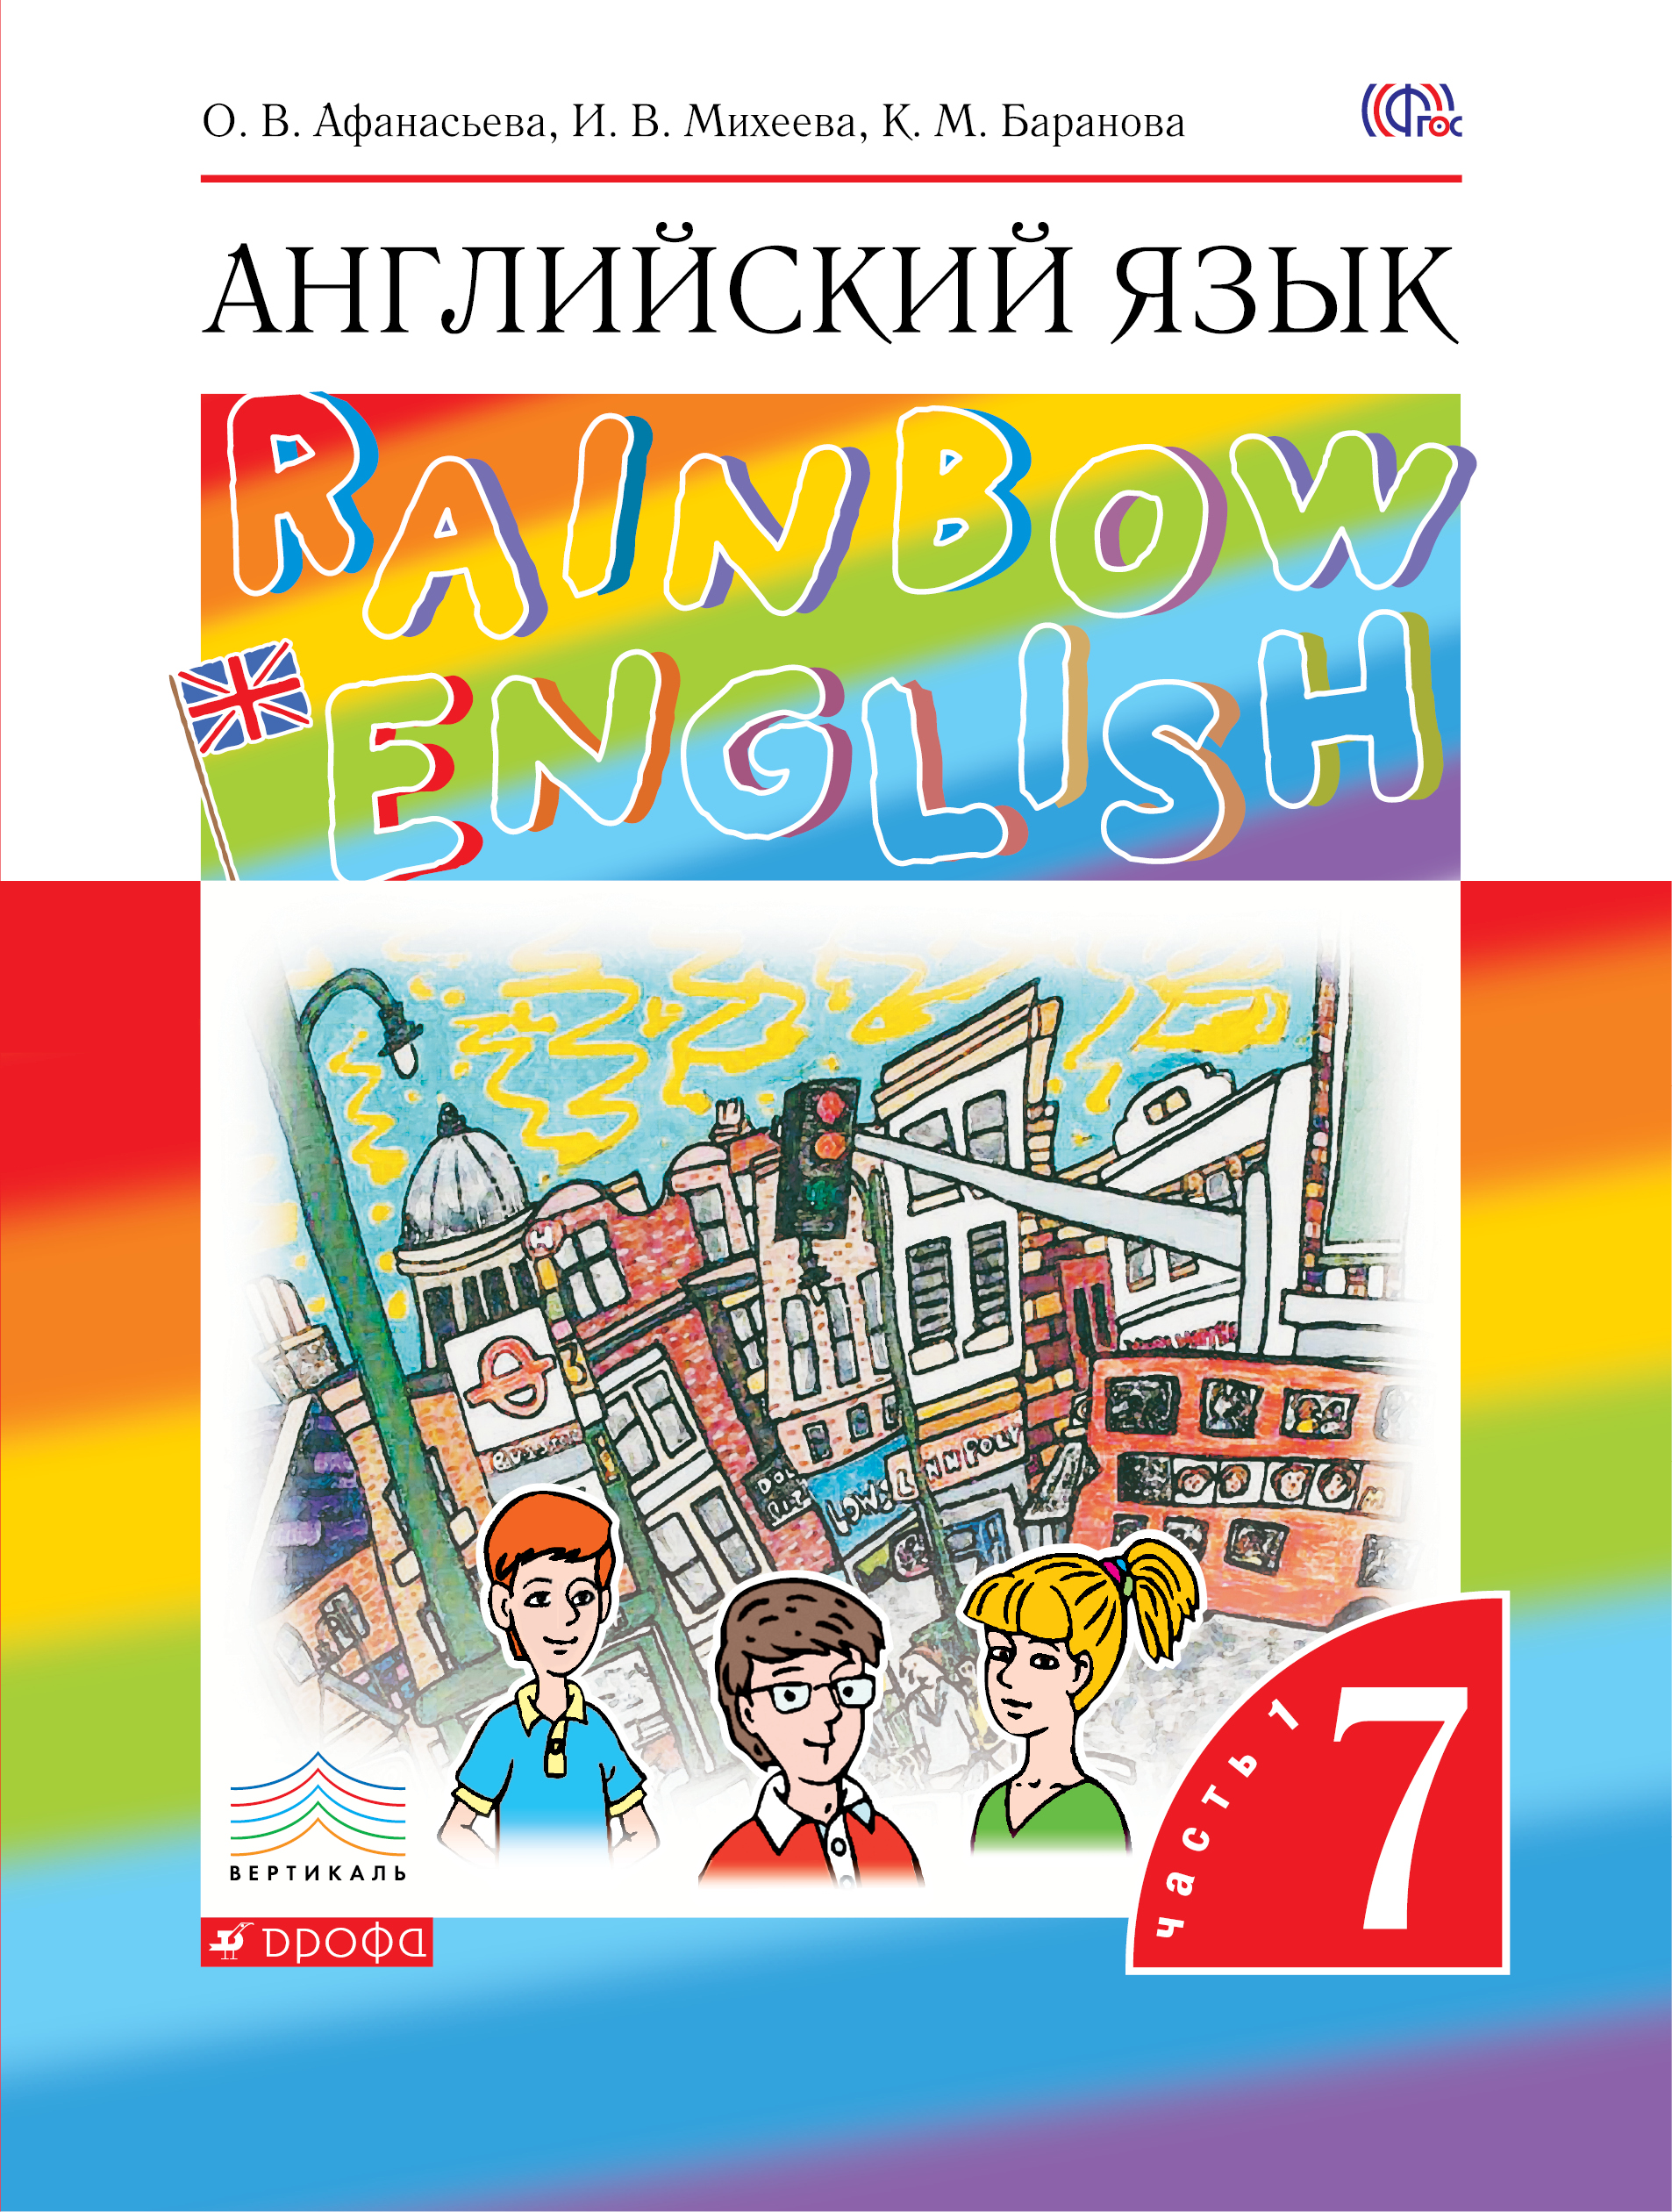 Учебник английского языка 7 класс афанасьева михеева скачать бесплатно через торрент